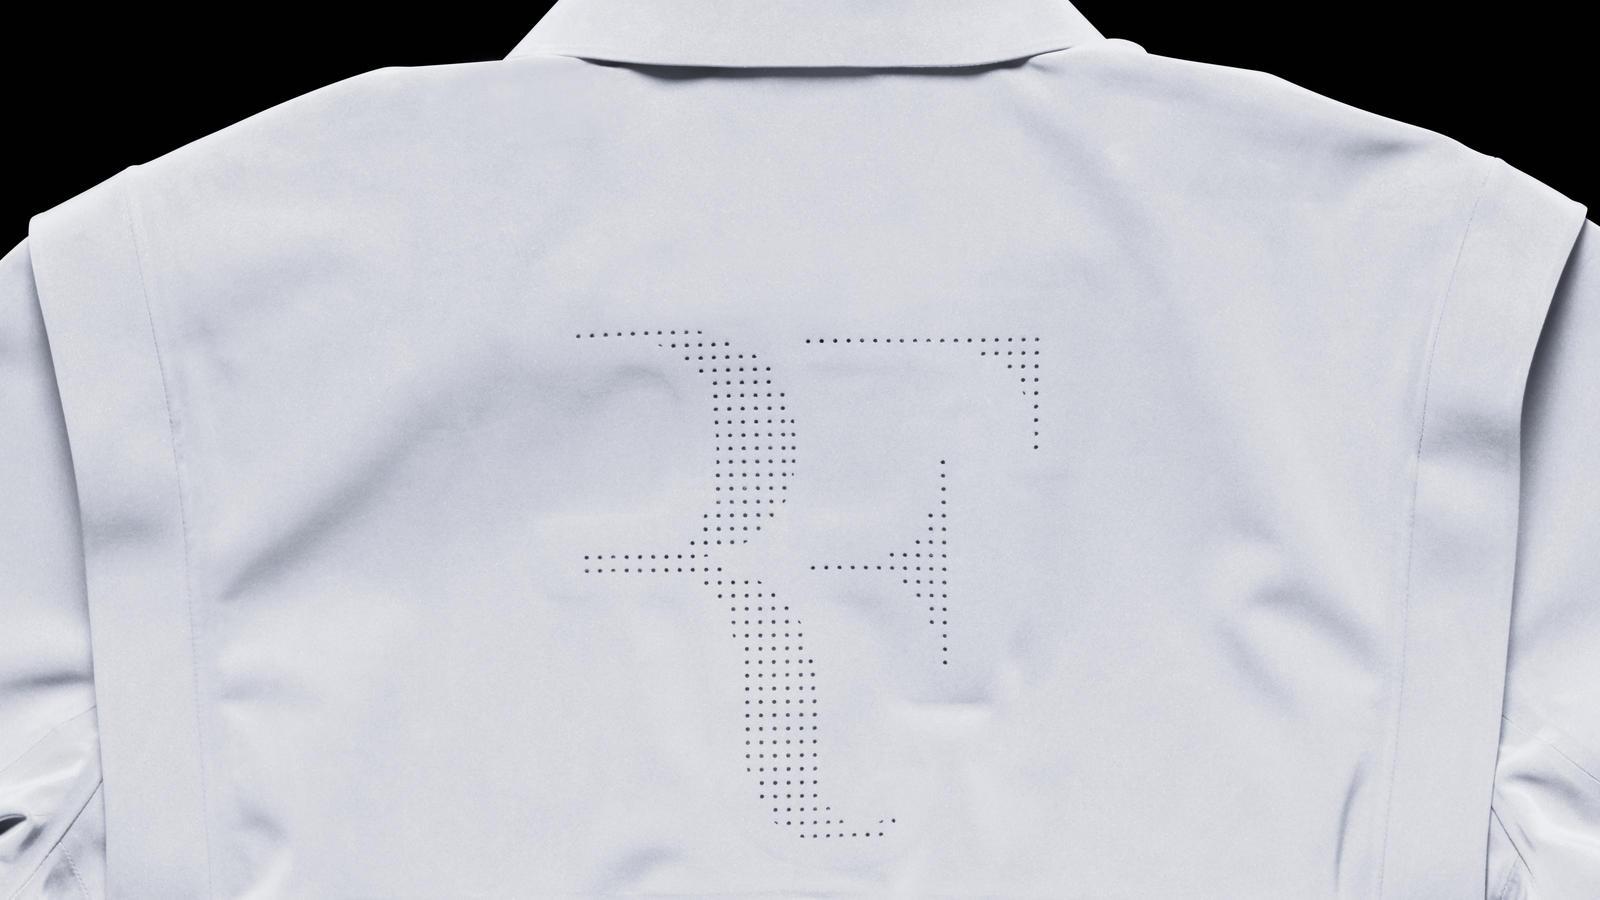 Nike Tennis Vapor Flash Roger Federer Jacket Back Detail (with flash)